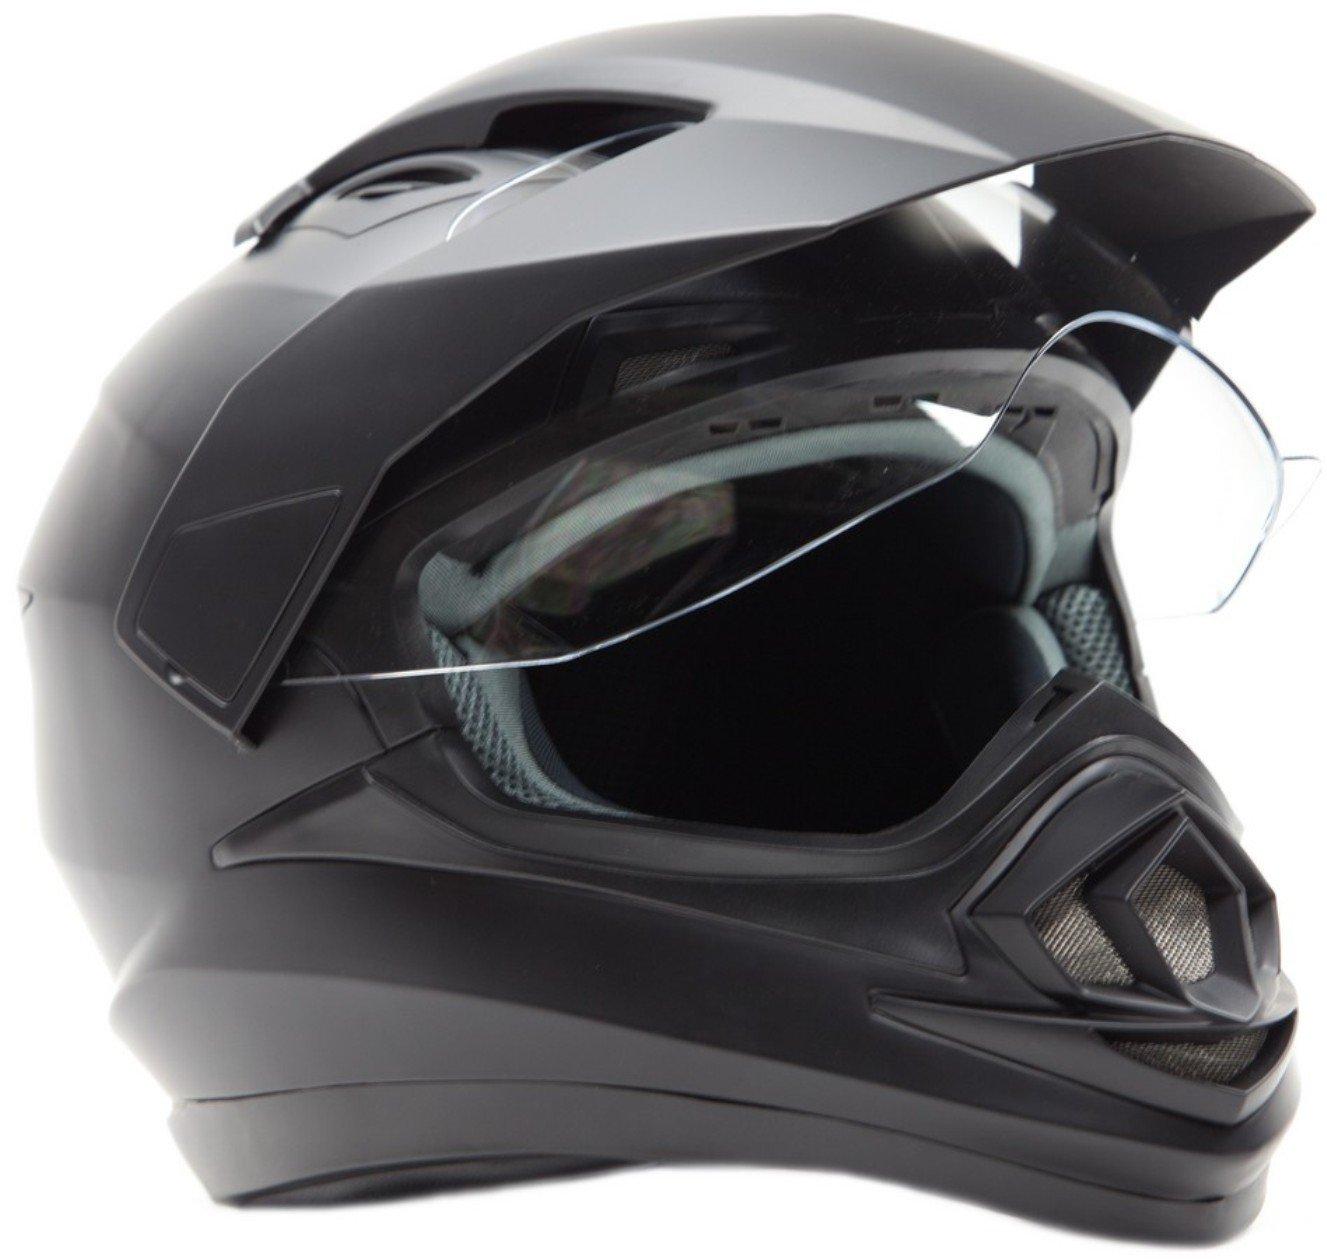 Dual Sport Snocross Snowmobile Helmet w/ Electric Heated Shield - Matte Black - XL by Typhoon Helmets (Image #1)